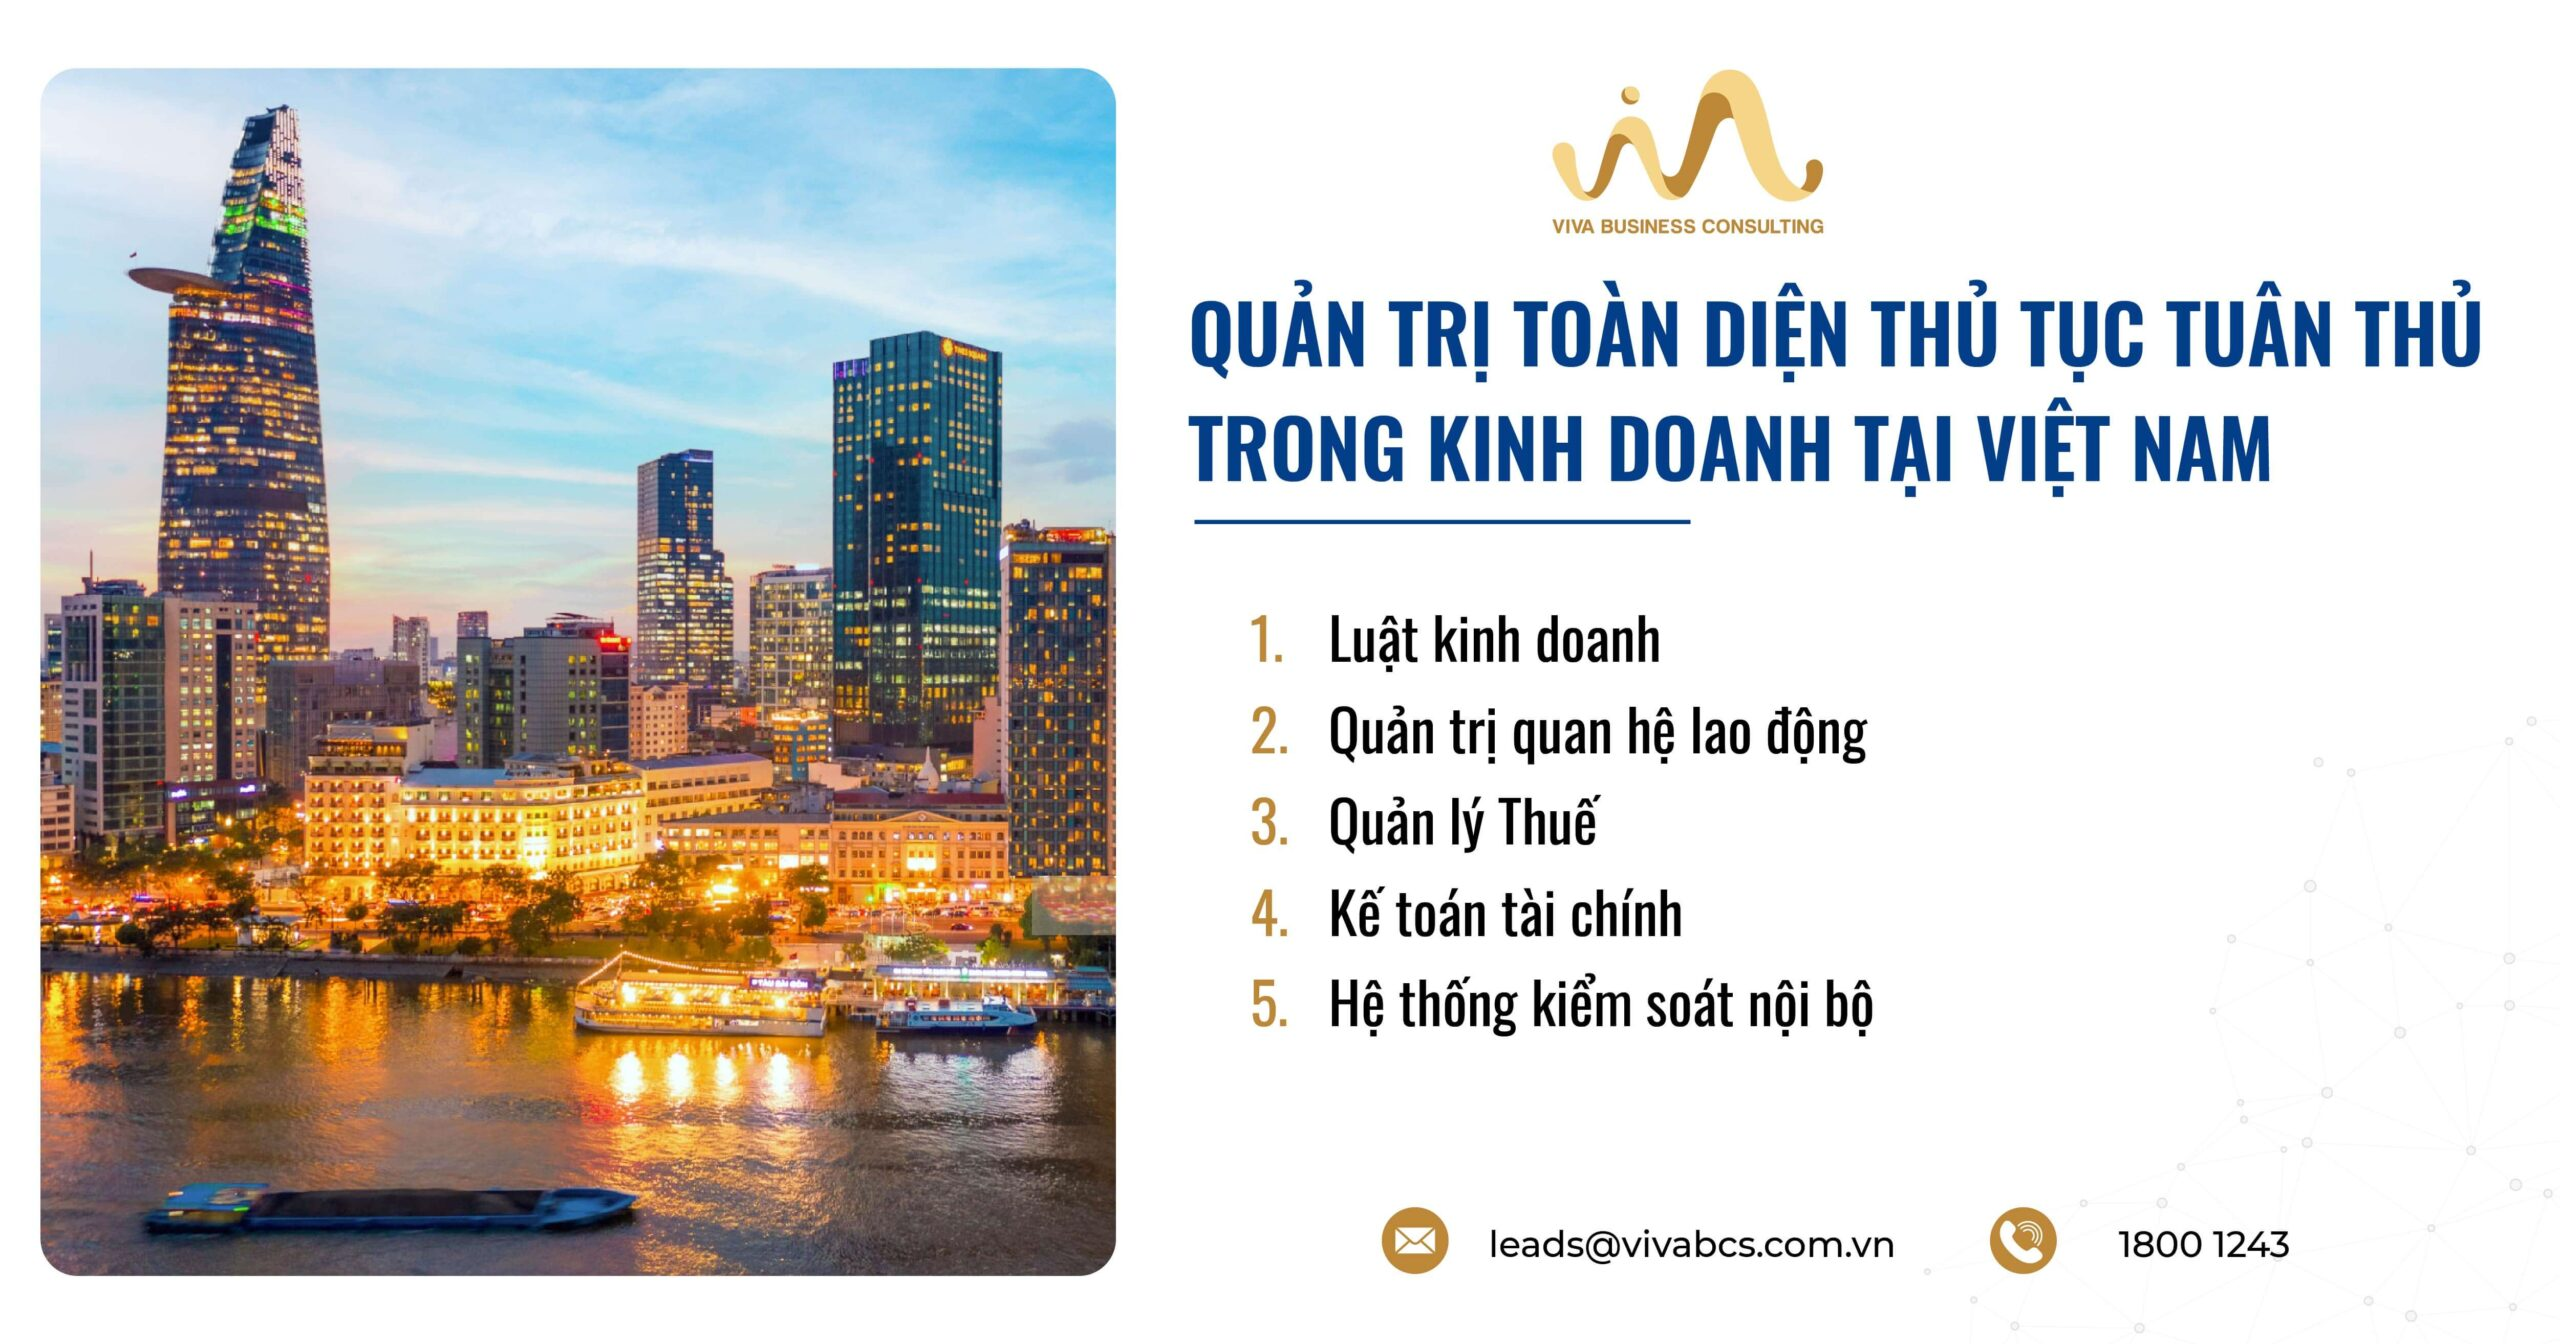 Quản trị toàn diện các thủ tục tuân thủ kinh doanh tại Việt Nam